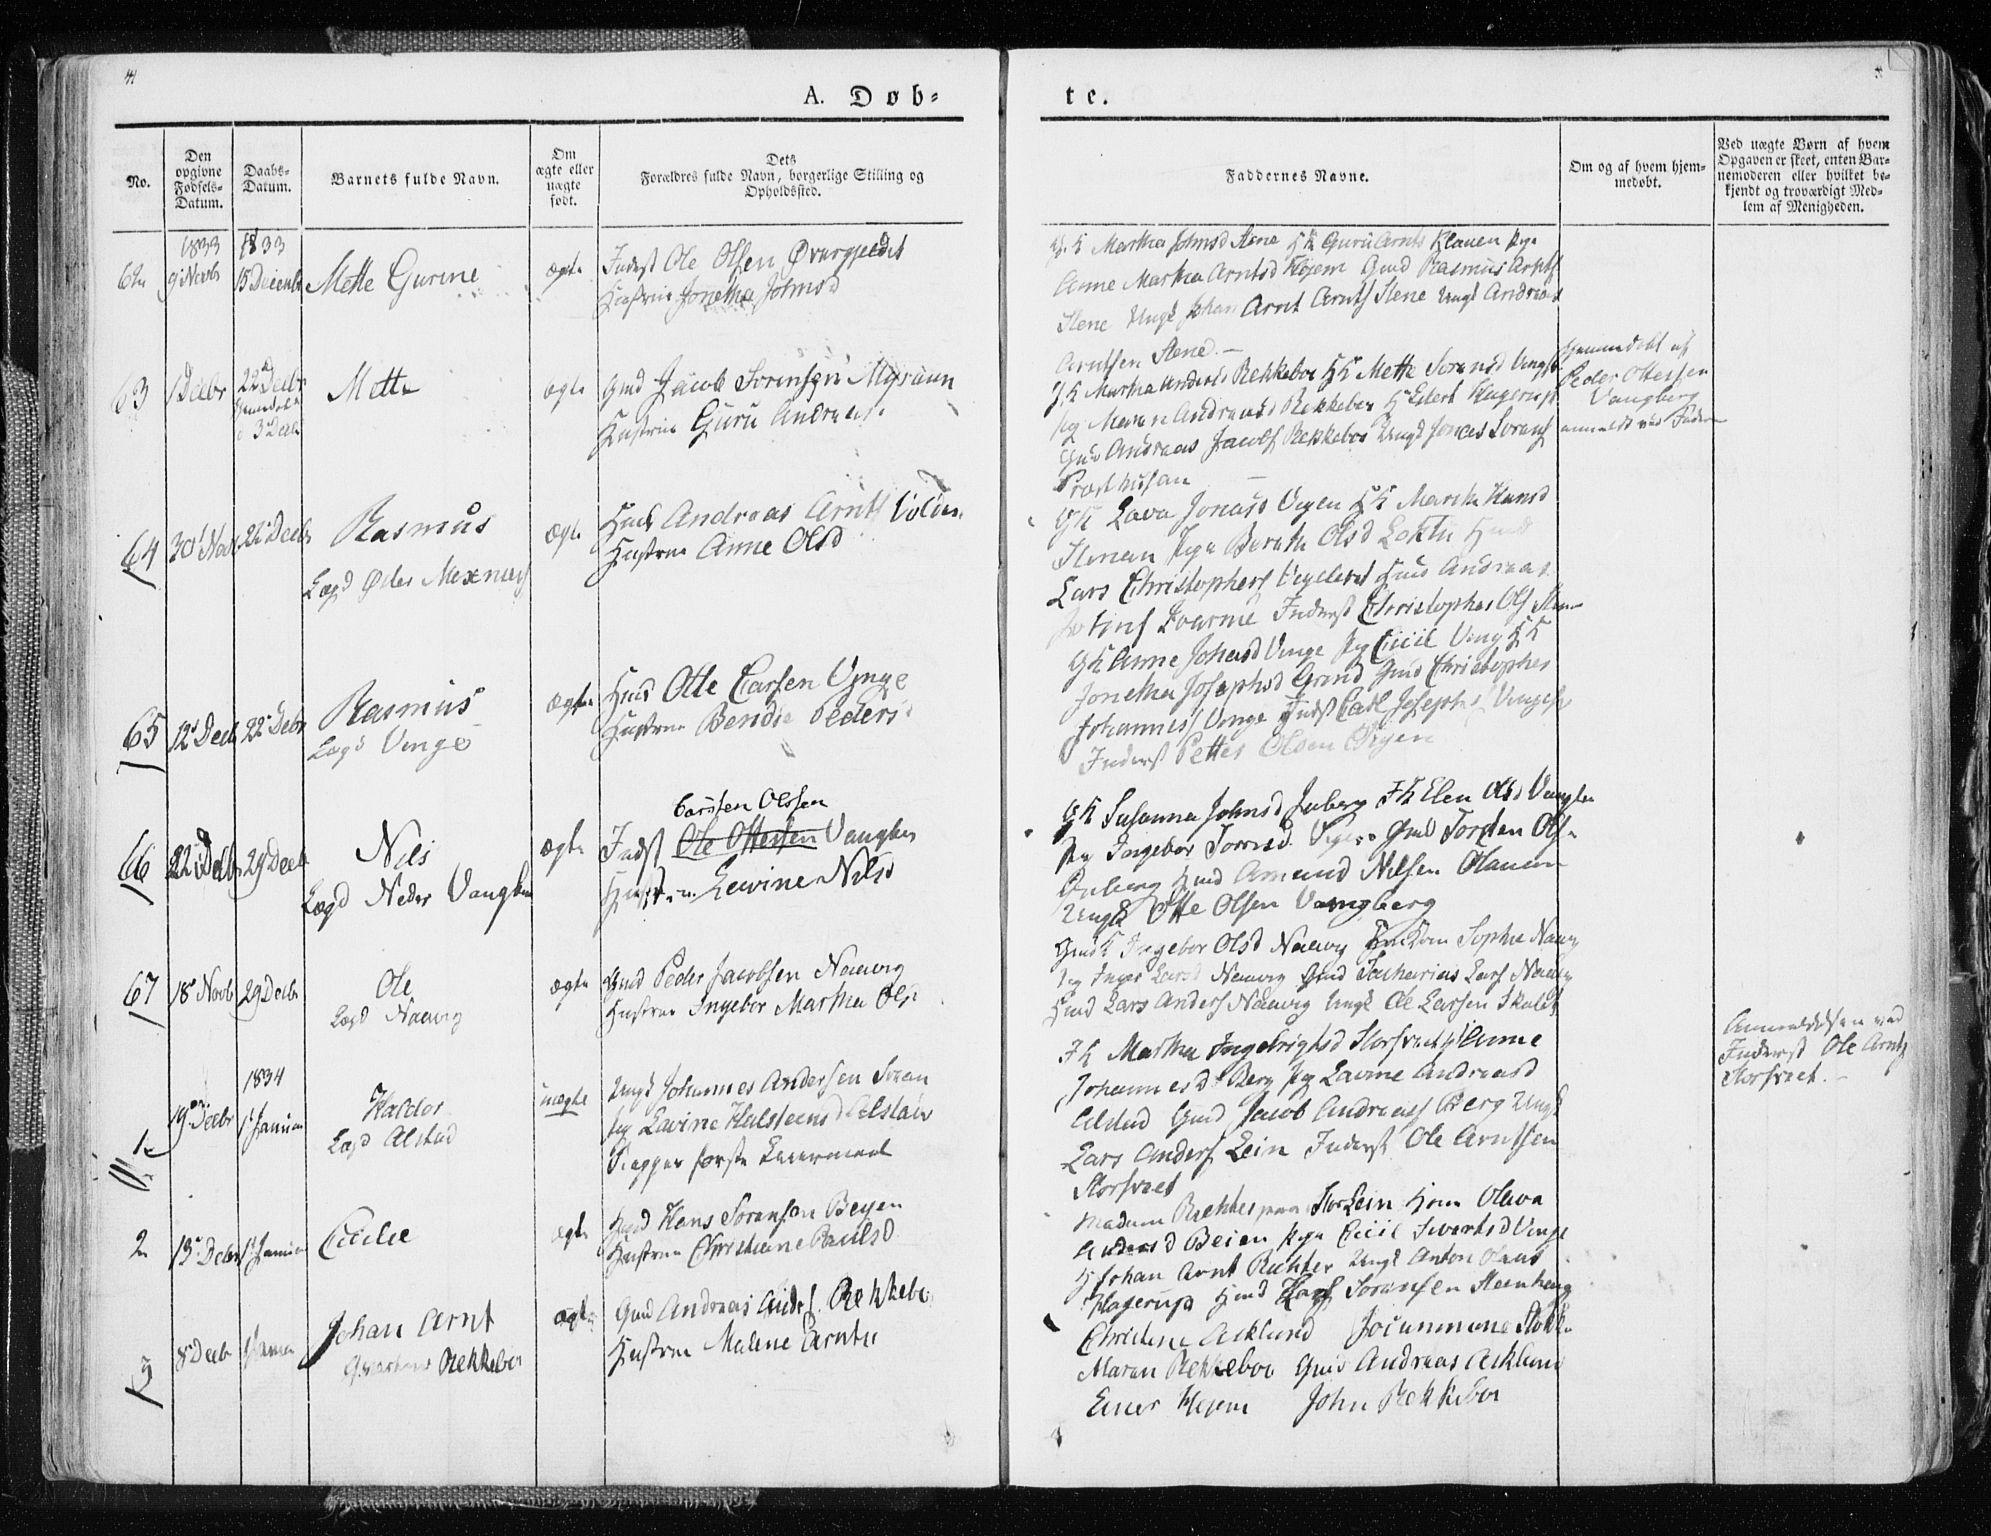 SAT, Ministerialprotokoller, klokkerbøker og fødselsregistre - Nord-Trøndelag, 713/L0114: Ministerialbok nr. 713A05, 1827-1839, s. 41